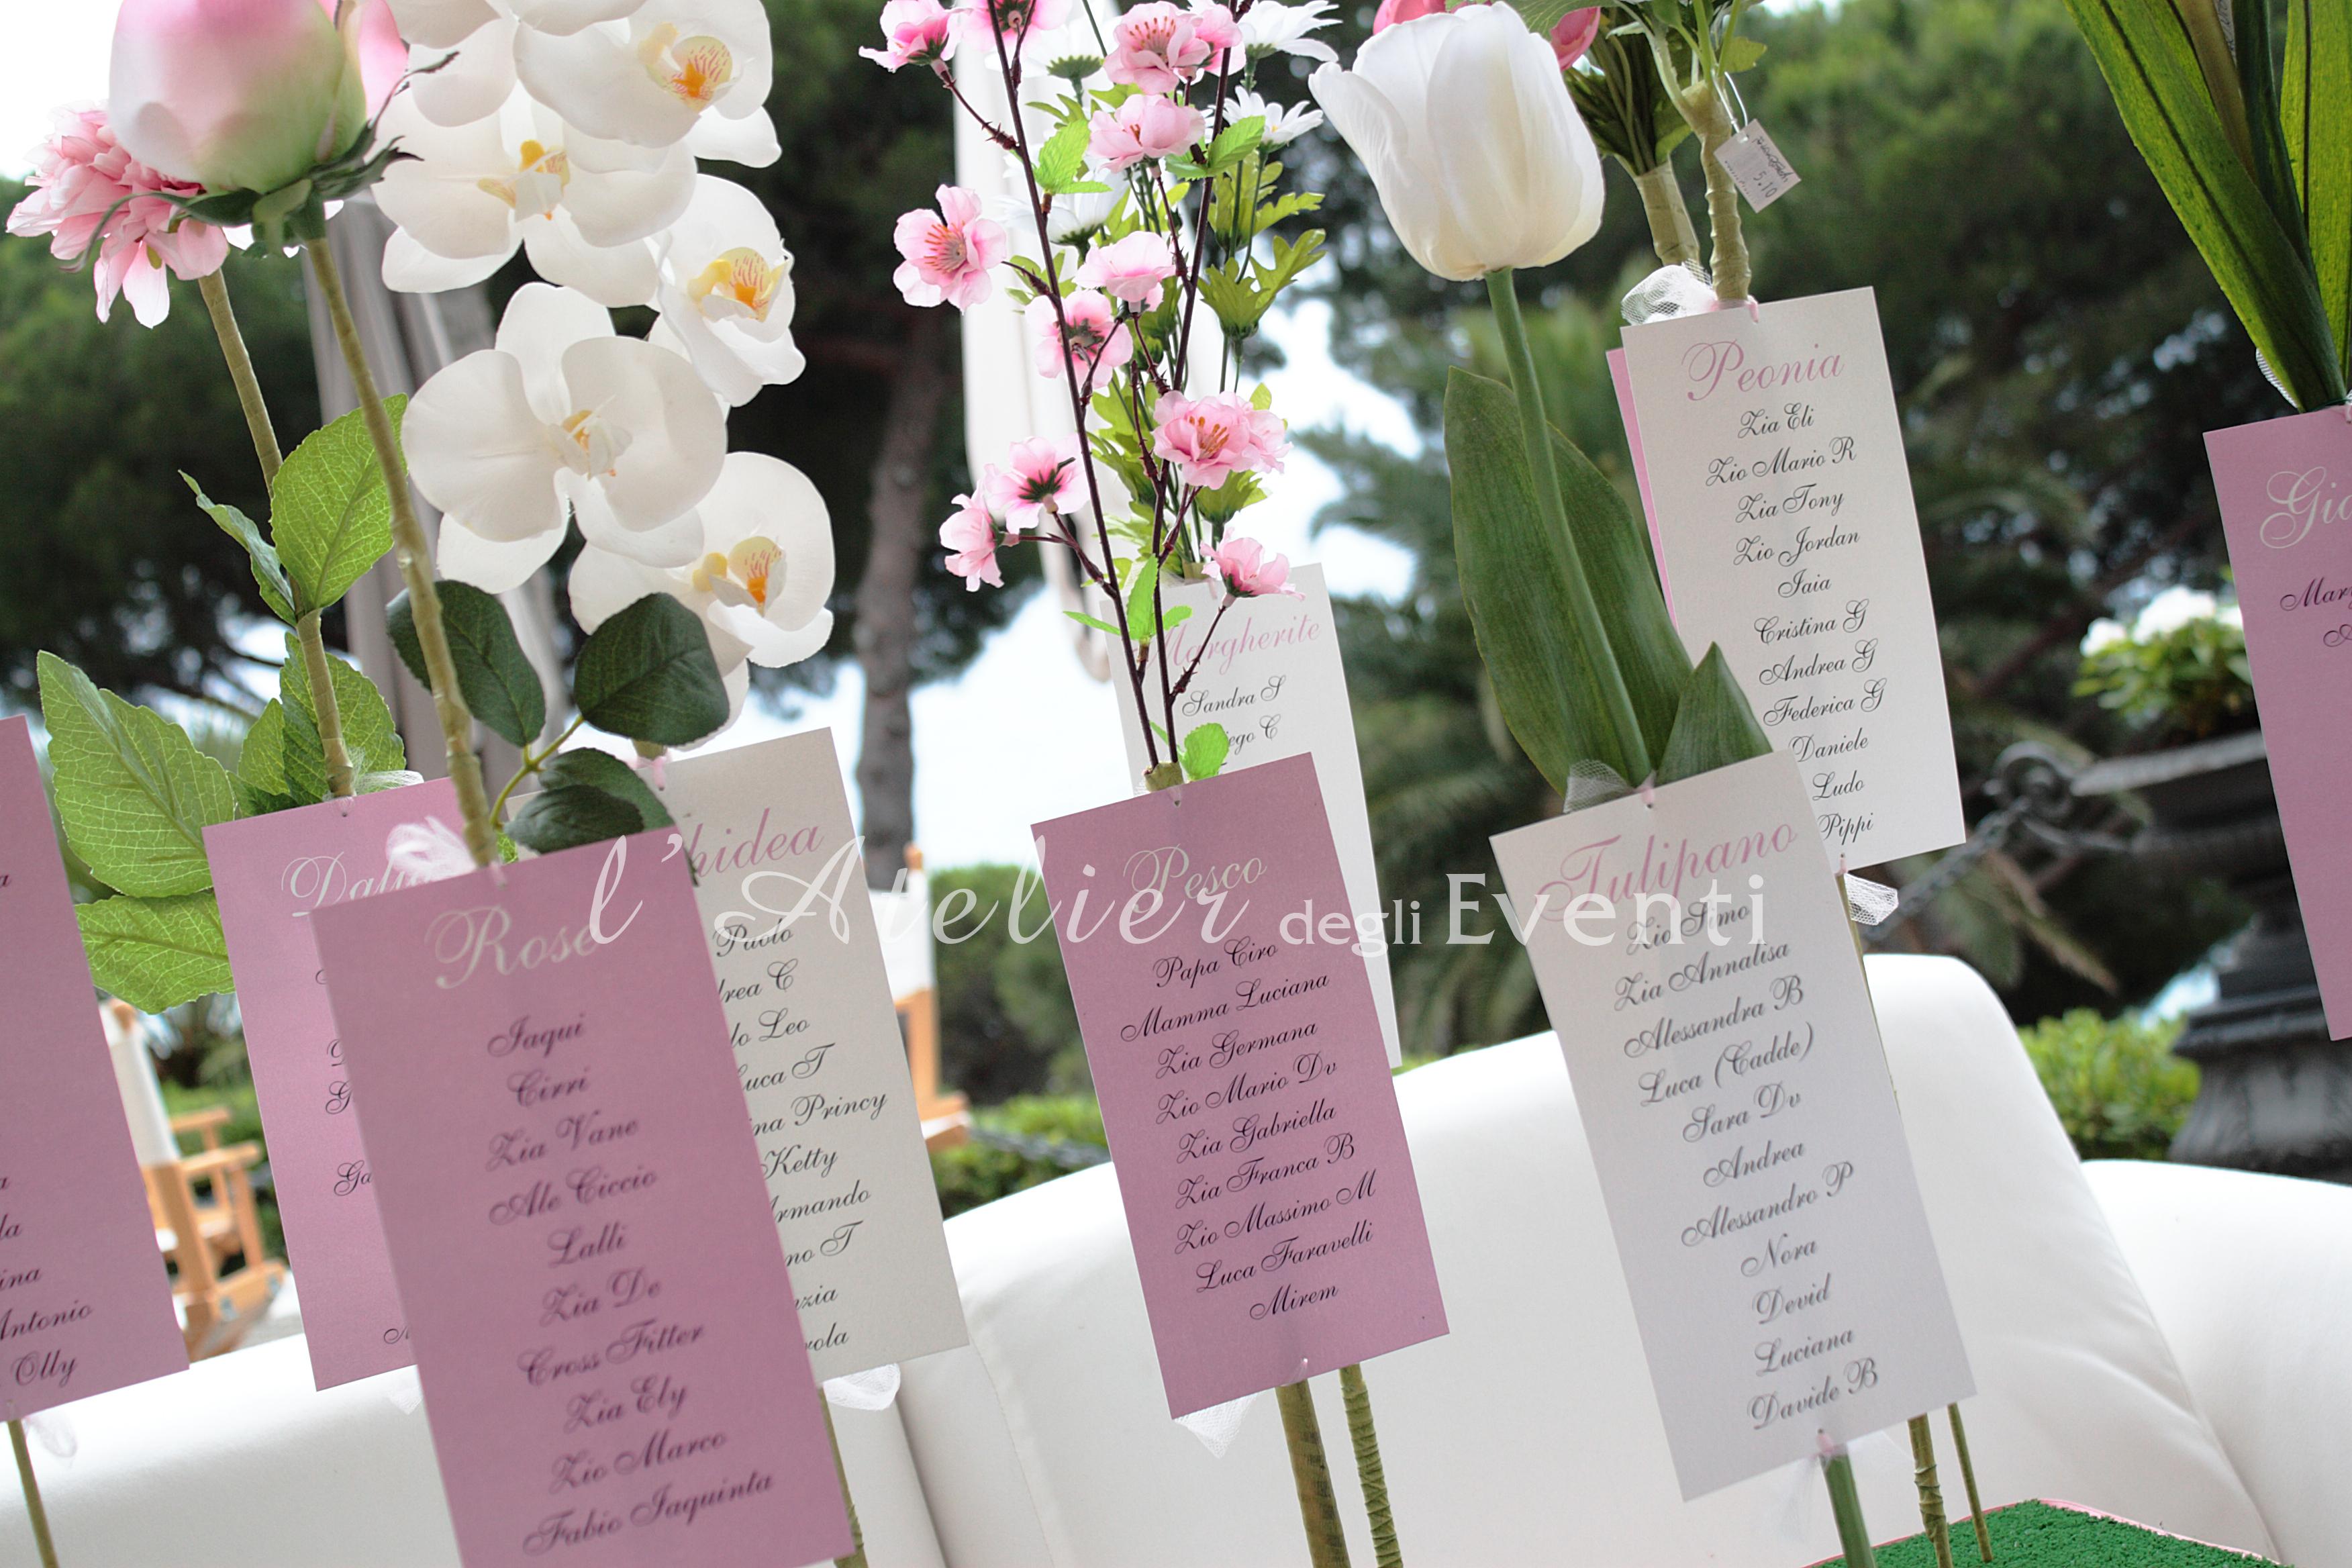 tableau_mariage_fiori_matrimonio_rosa